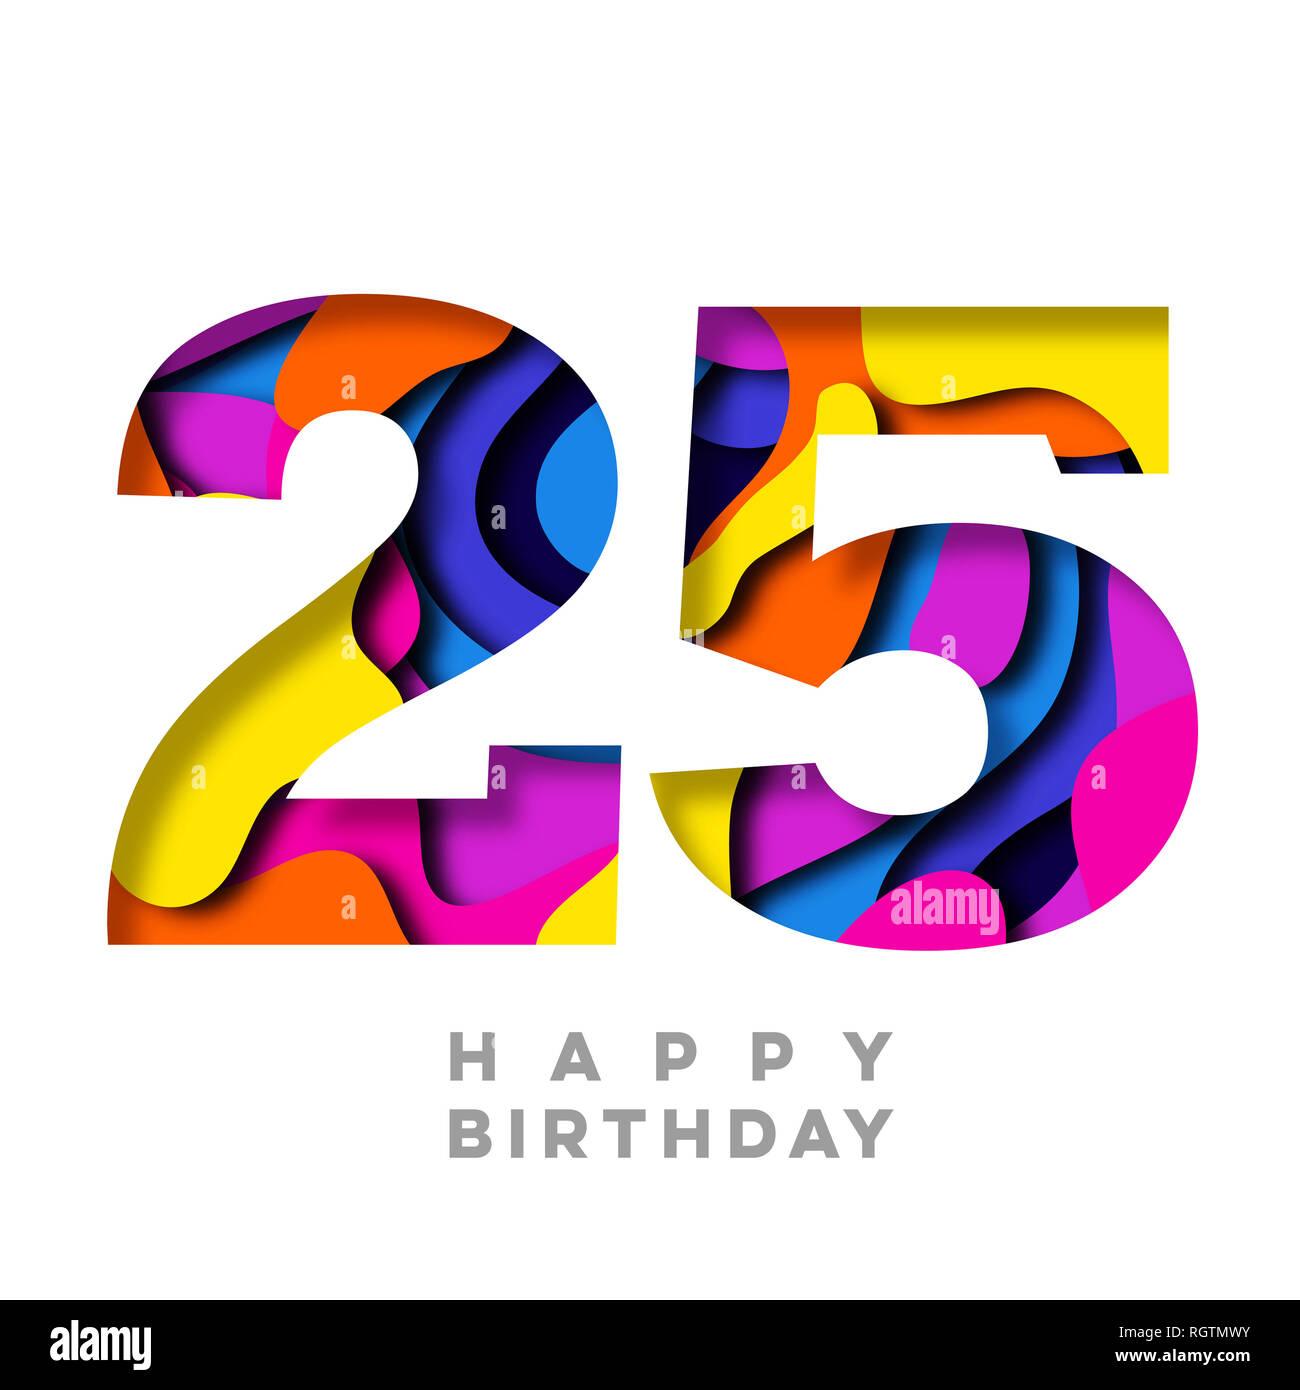 Feliz Cumpleanos Numero 25 Colorido Diseno De Corte De Papel Foto